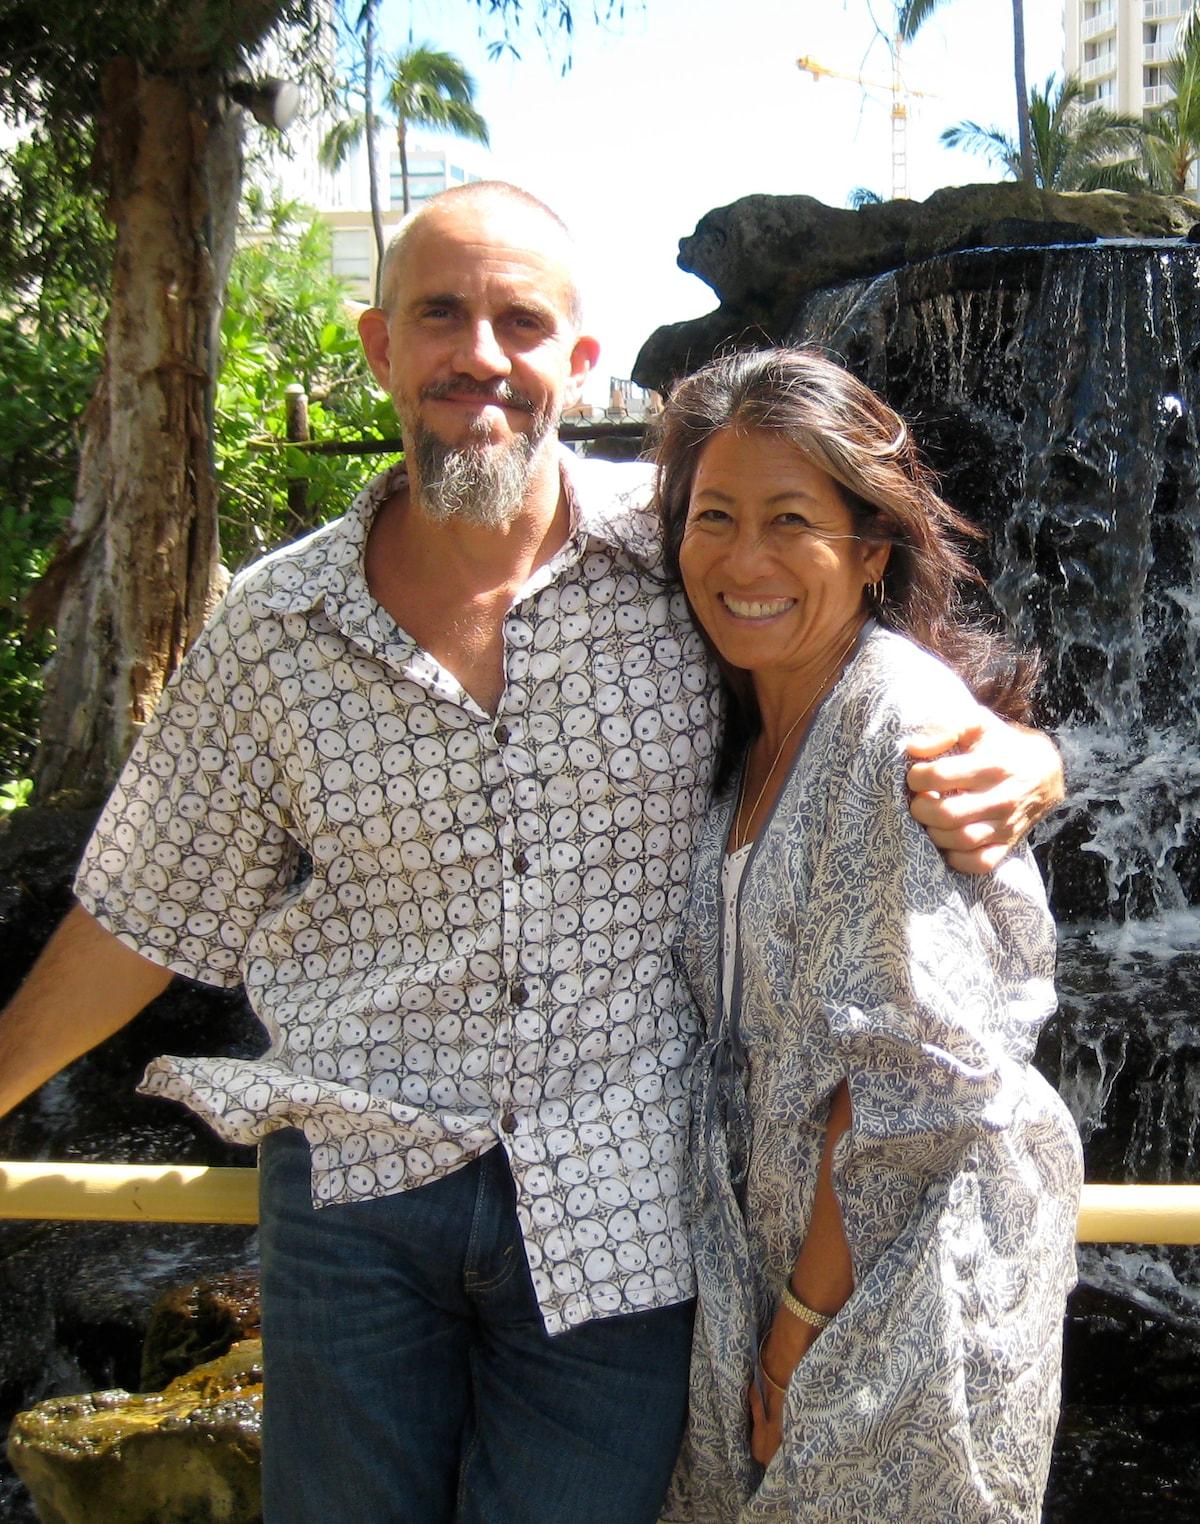 Lori And Tunji from Haleiwa